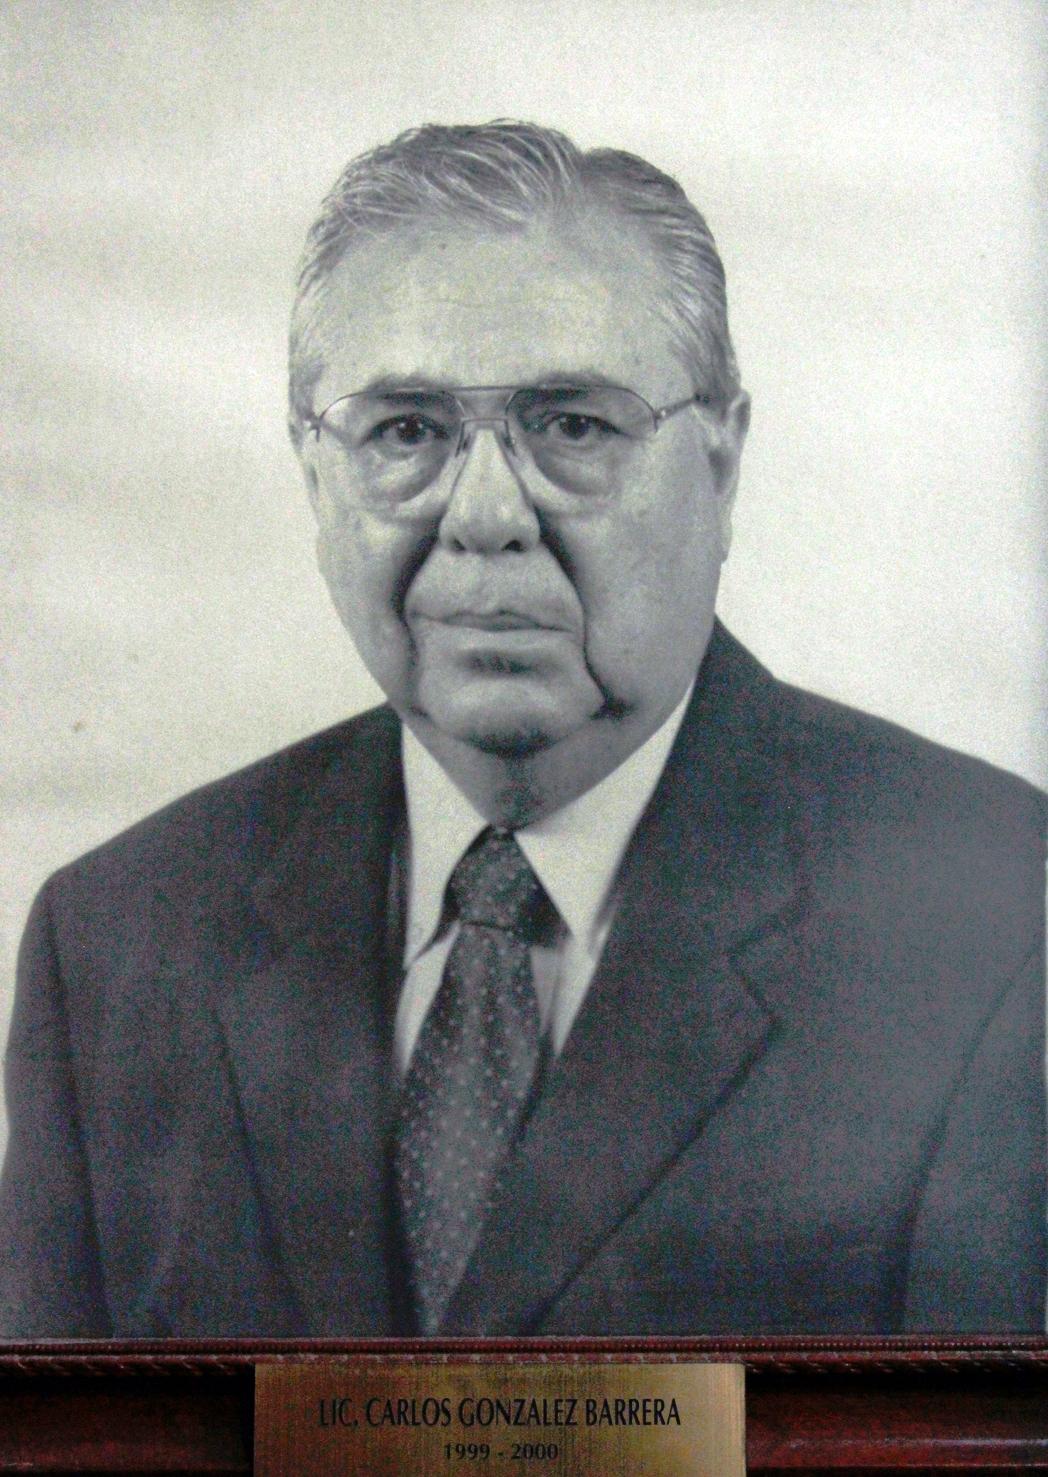 EMPRESARIO DISTINGUIDO LIC. CARLOS GONZALEZ BARRERA